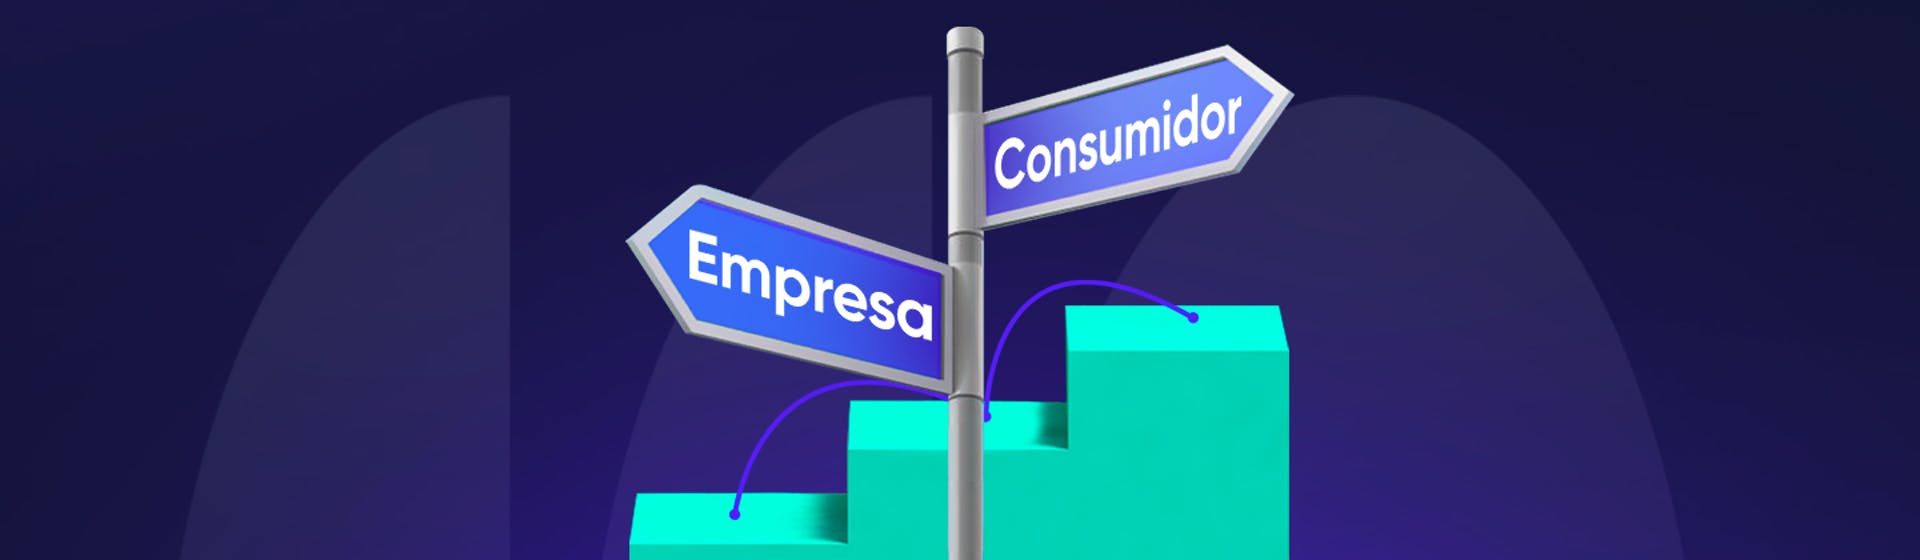 ¿Qué es la plaza en mercadotecnia? Descubre la ruta para llegar al corazón de tus clientes